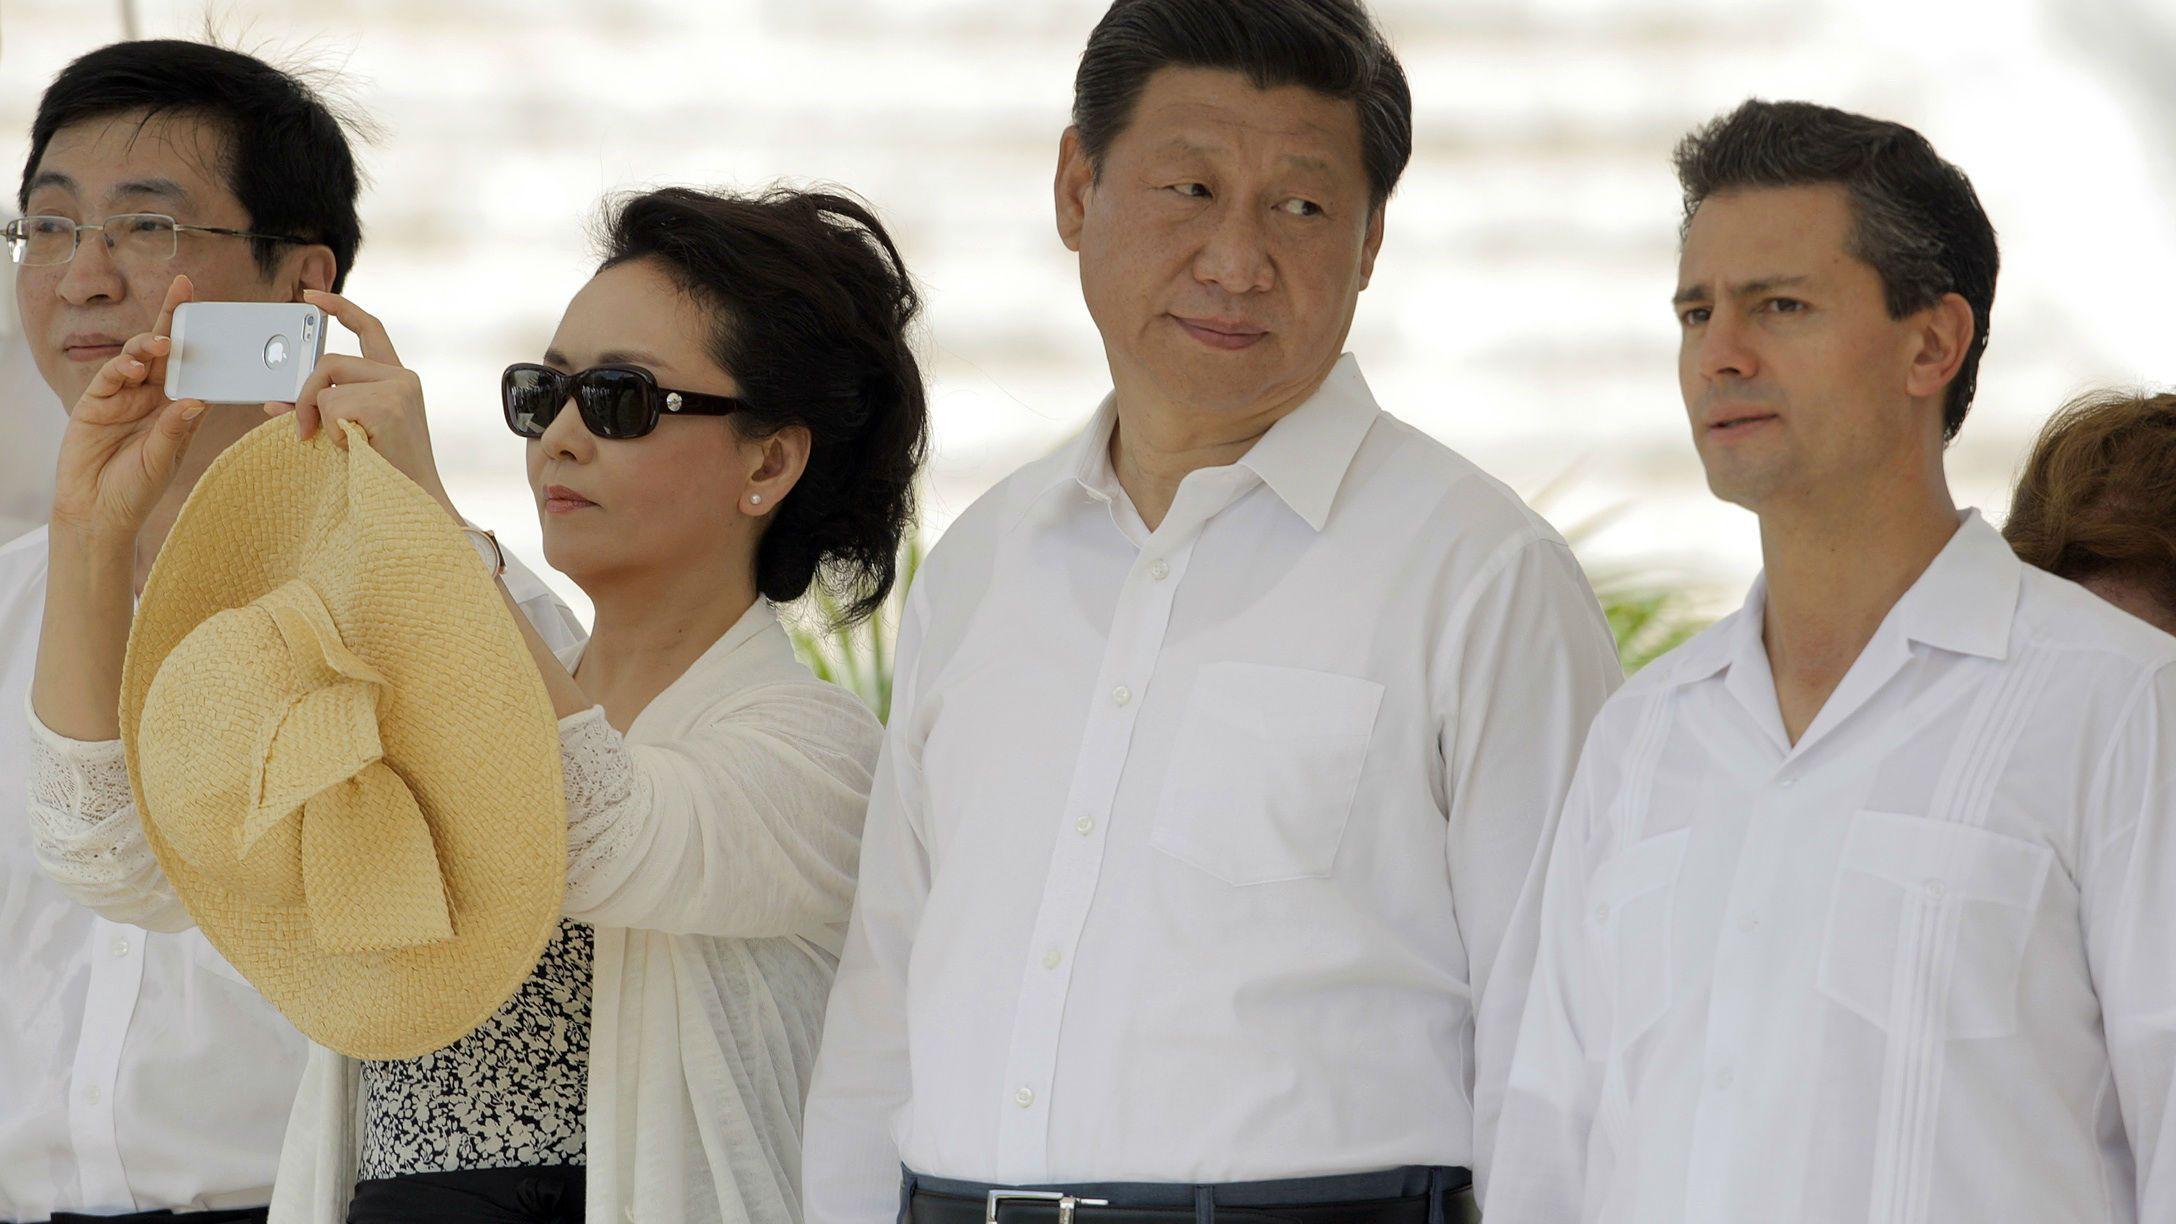 Peng Liyuan uses an iPhone.